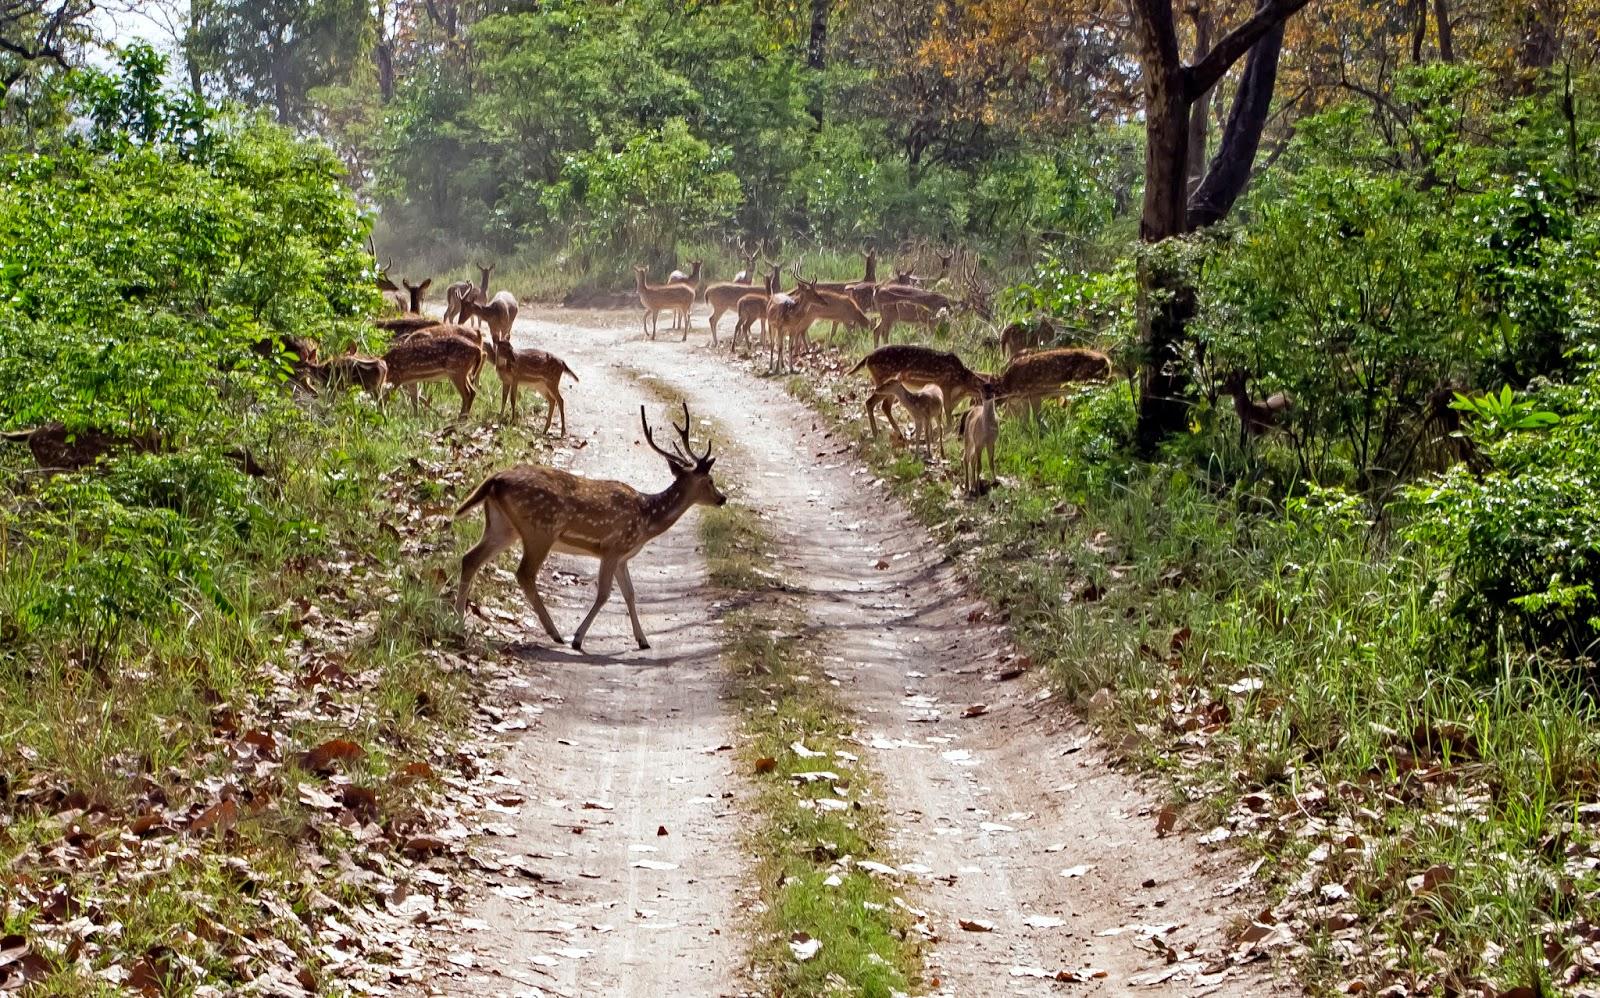 The herd of deer